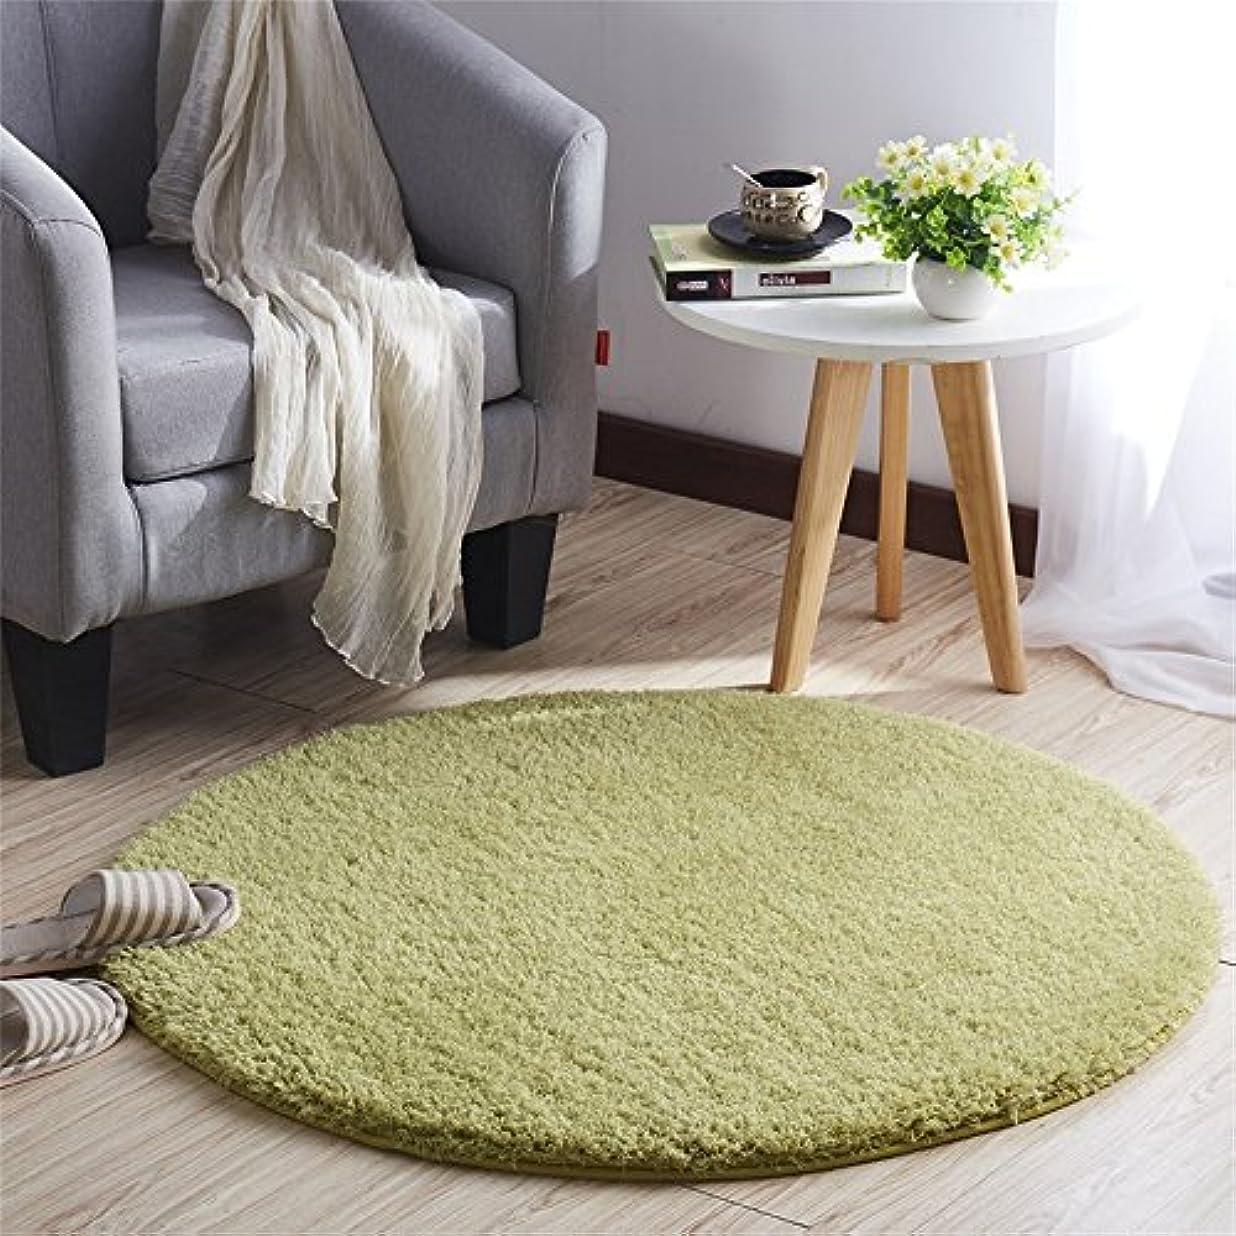 才能のある価格震えCLAXAM 一瞬だけでとろけそう~!ラブリーシャギーラグ 丸い絨毯 極上の繊細さと柔らかさ、サラサラな質感で、あなたの欠かせない家飾りの味方 (80cm, グラスグリーン)